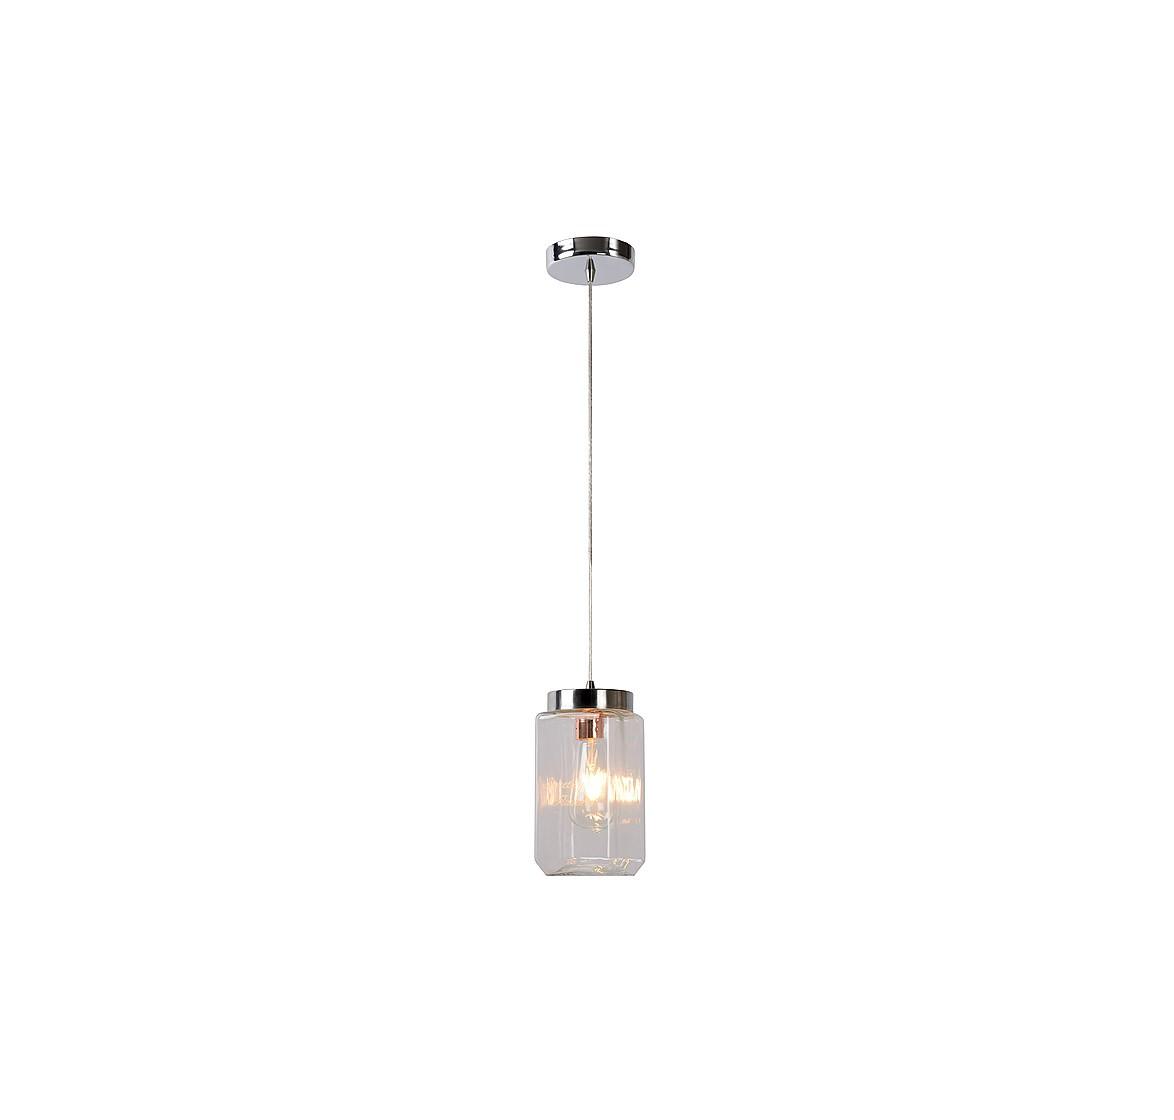 Подвесной светильник EPICEПодвесные светильники<br>основание: металл/хром<br>плафон: стекло<br>ширина: 11 см<br>высота: 140 см<br>длина: 11 см<br>E27, 60W,1 лампочка (в комплект не входит)<br><br>Material: Стекло<br>Высота см: 140